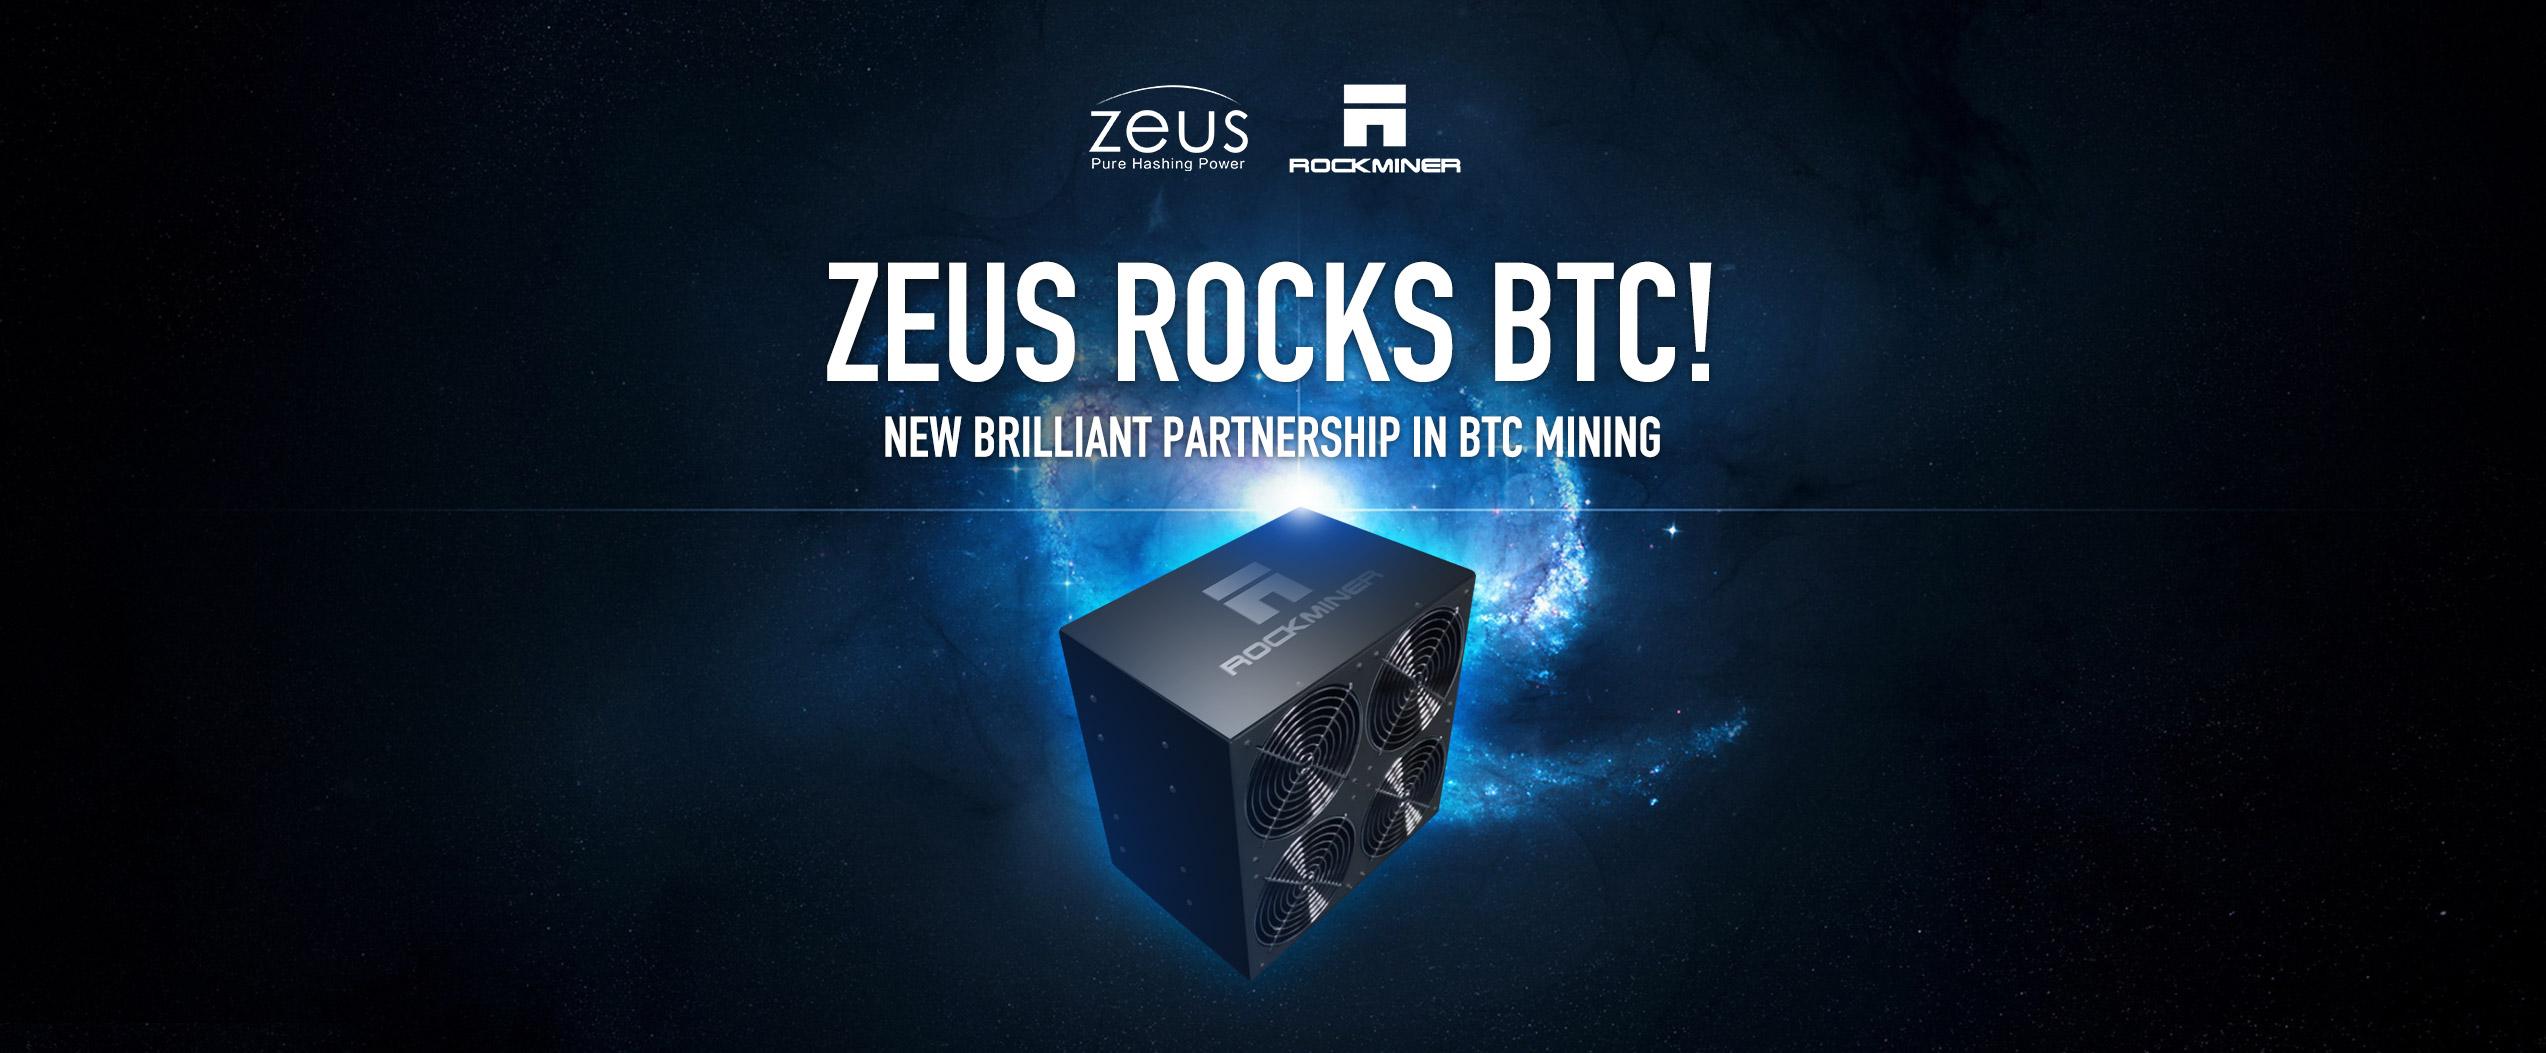 zeus cloud mining